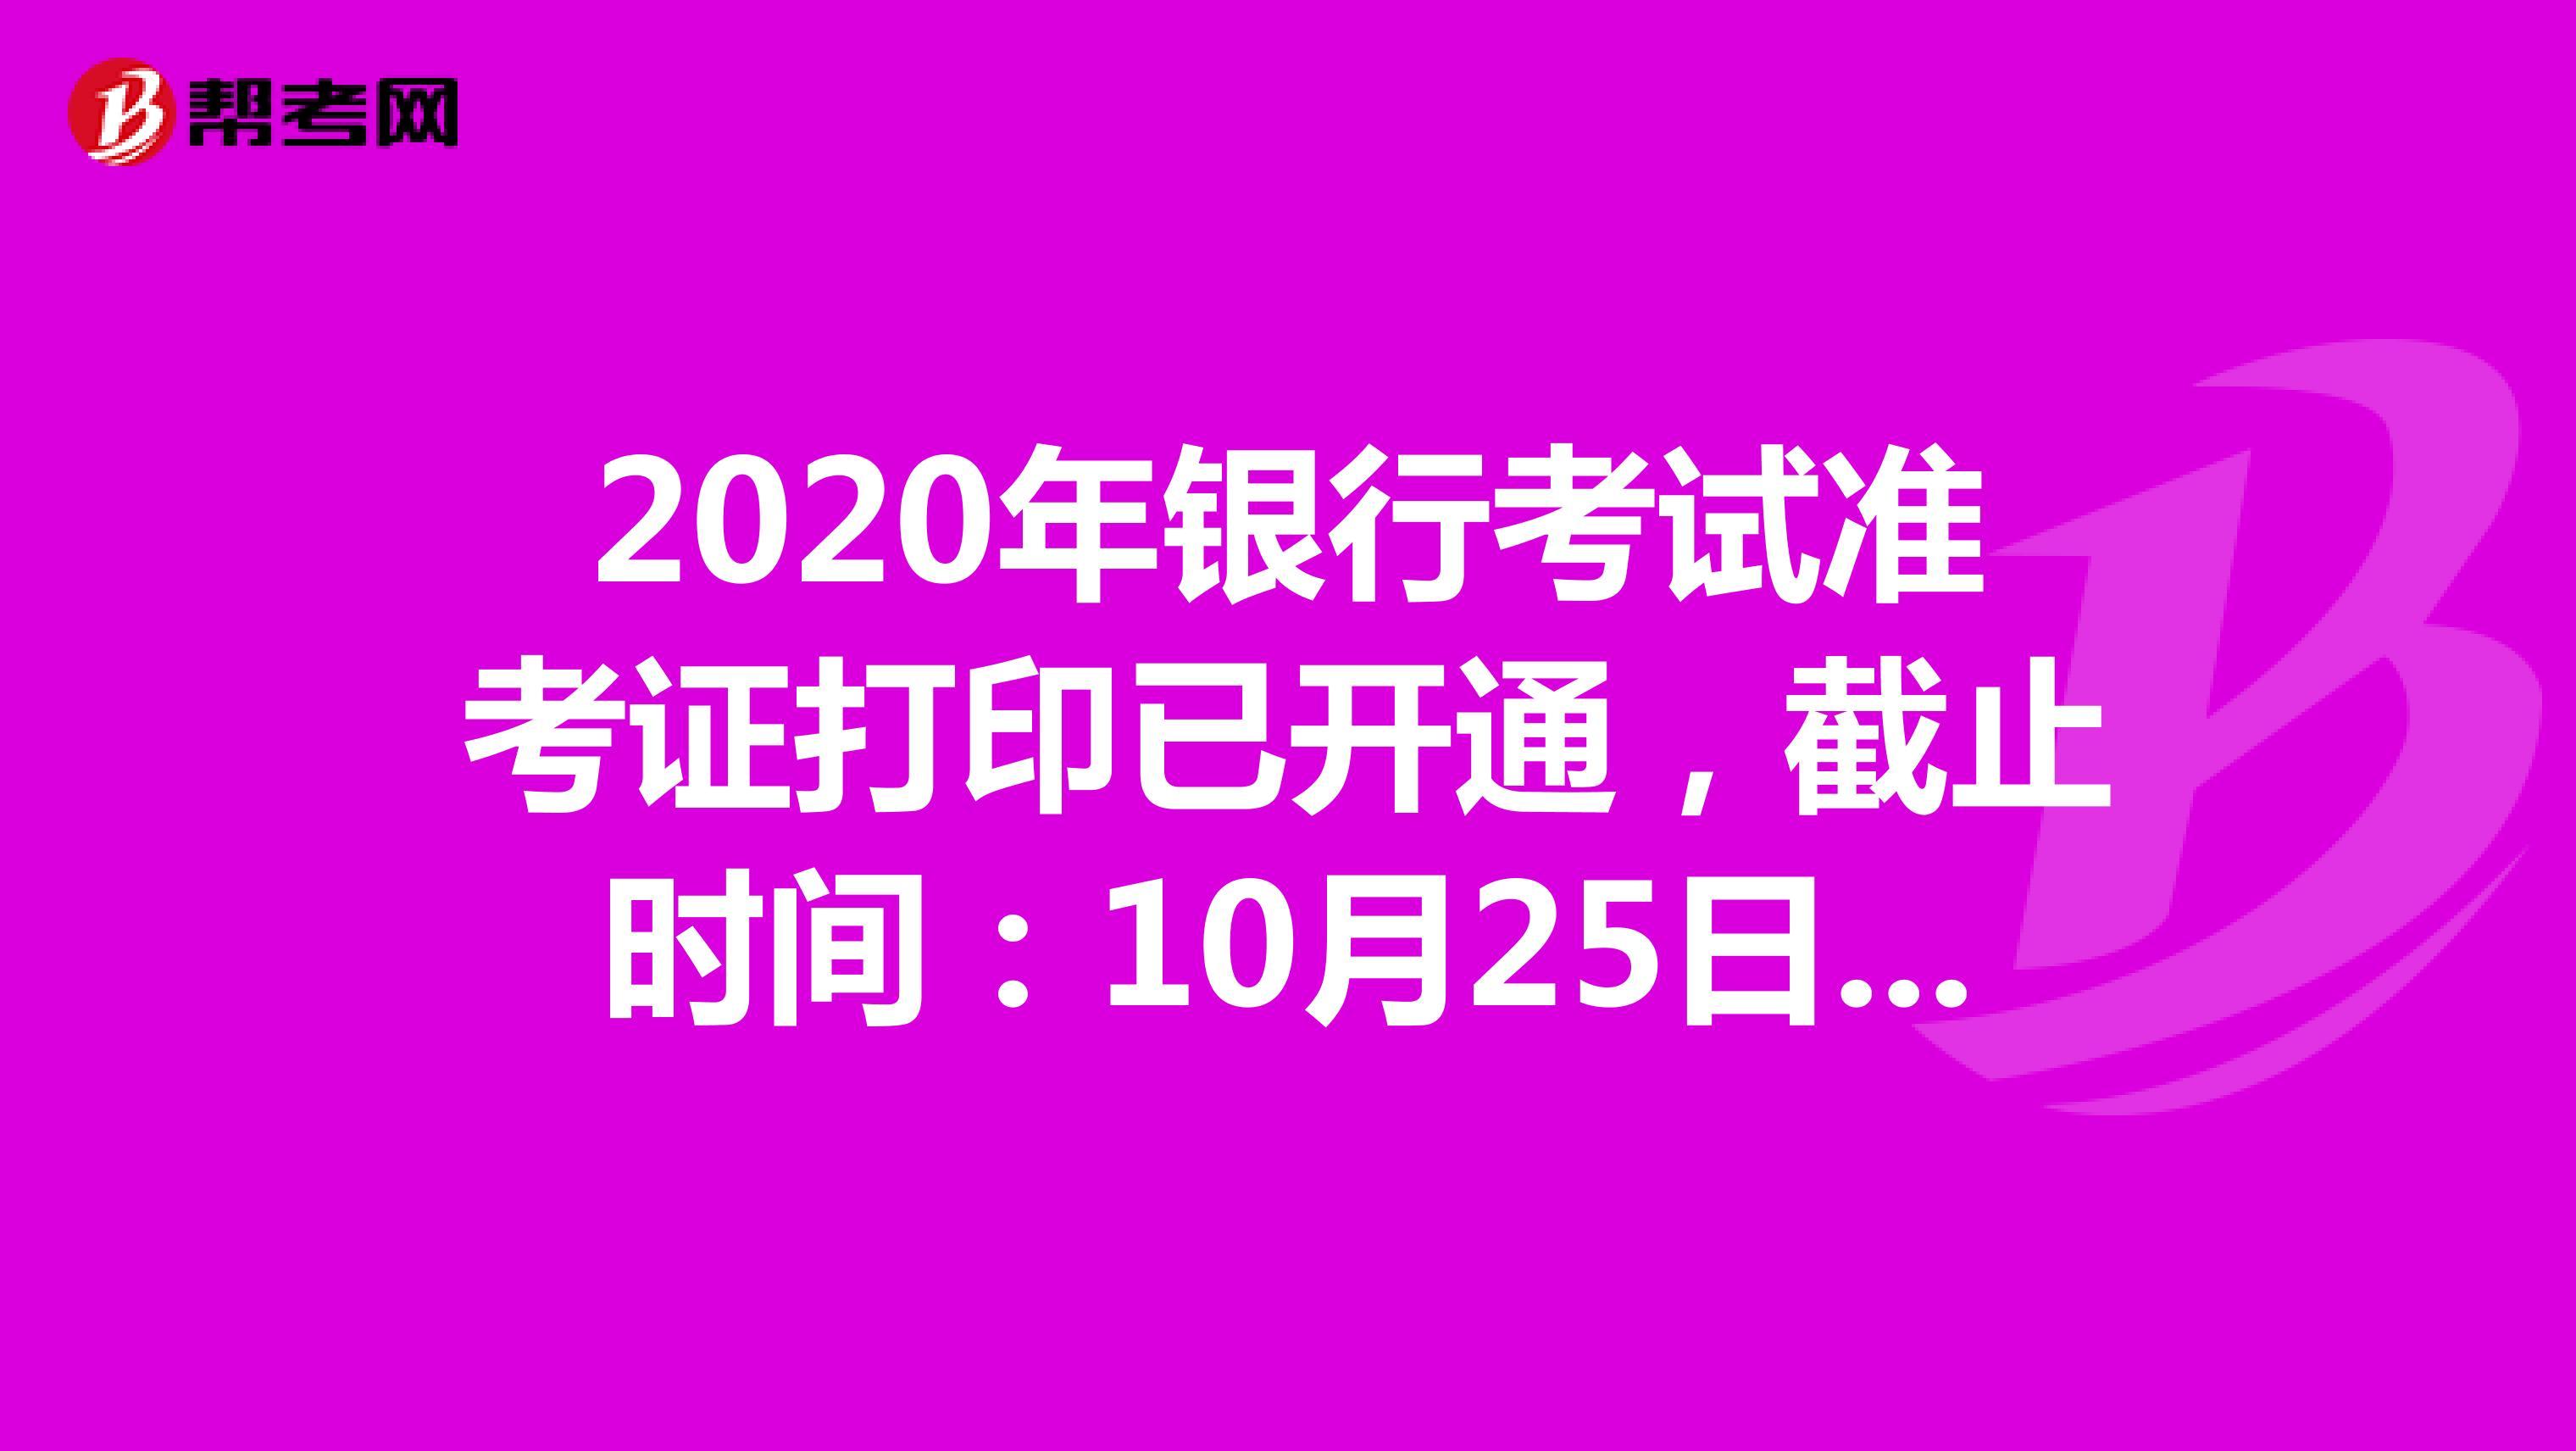 2020年银行考试准考证打印已开通,截止时间:10月25日18:00